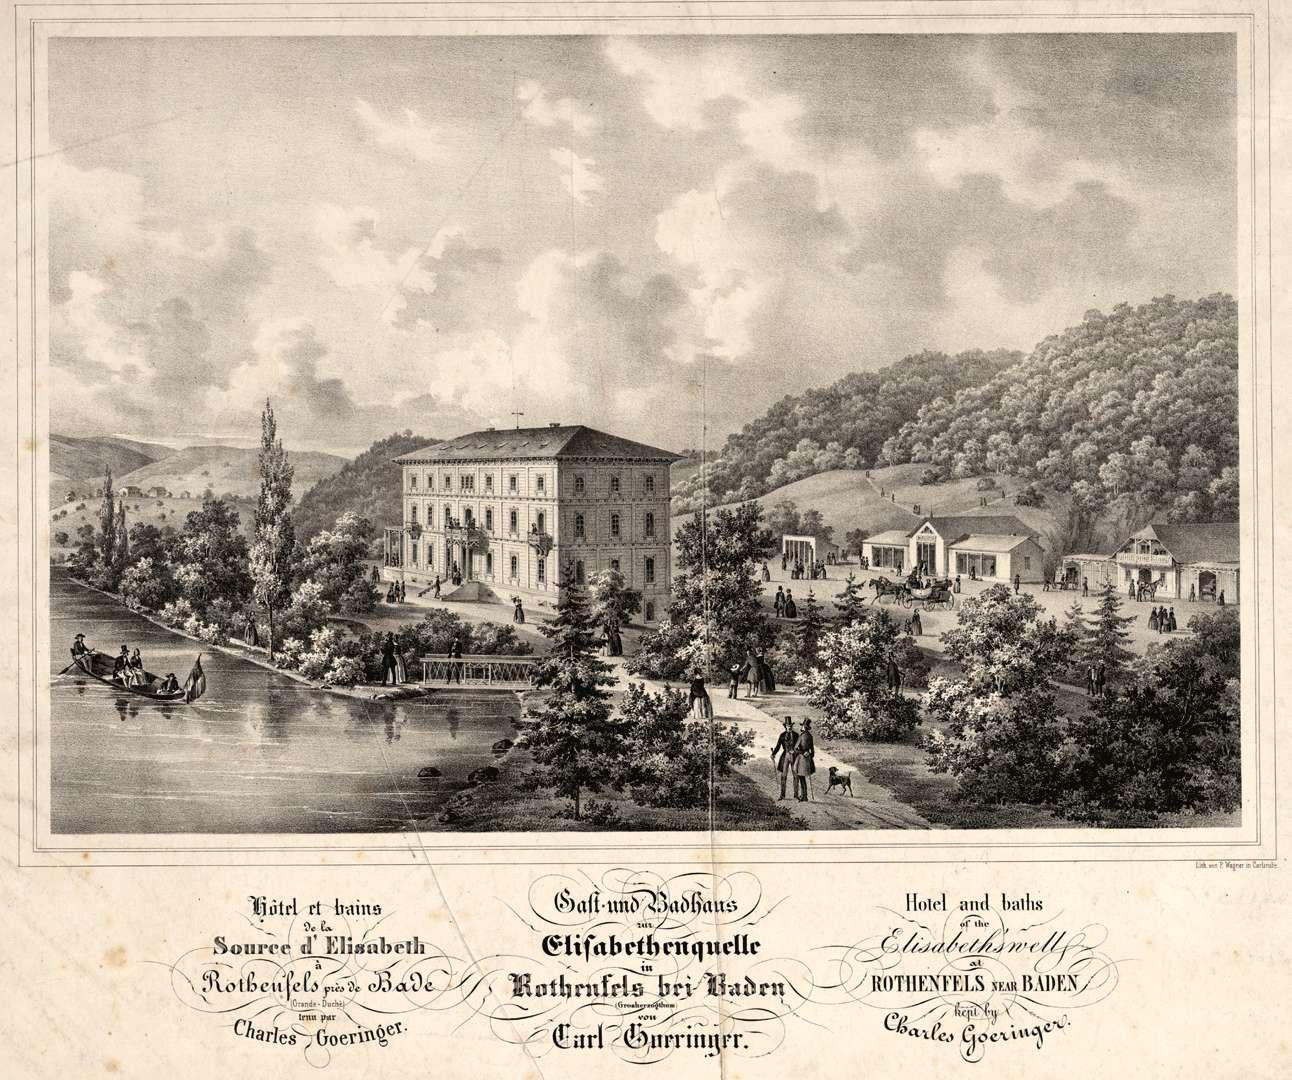 Gast- und Badhaus zur Elisabethenquelle in Rothenfels bei Baden (Grosherzogtum) von Carl Goeringer, Hotel et bains de la source d